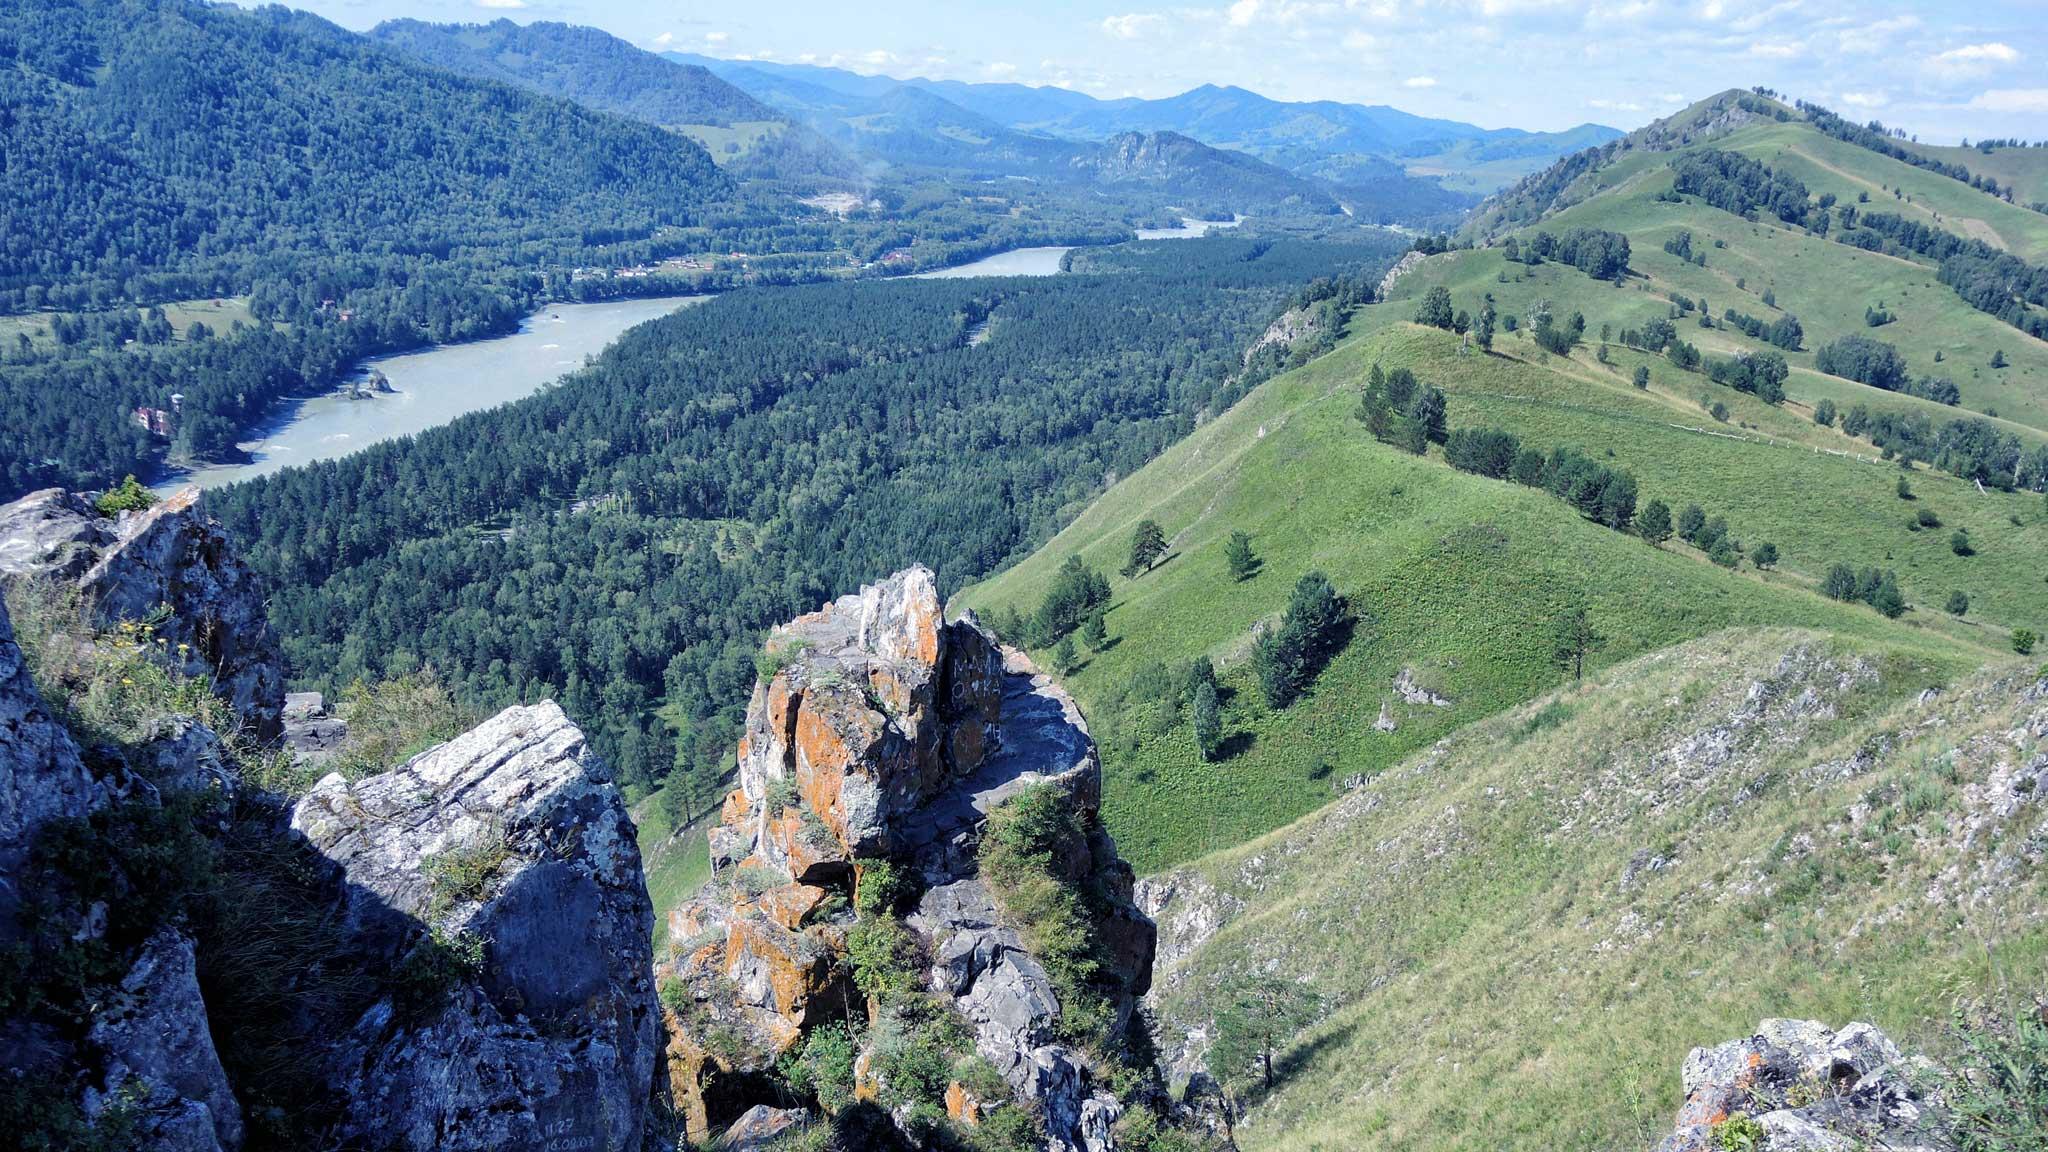 Гора Белуха - восхождение, описание, маршруты, фото